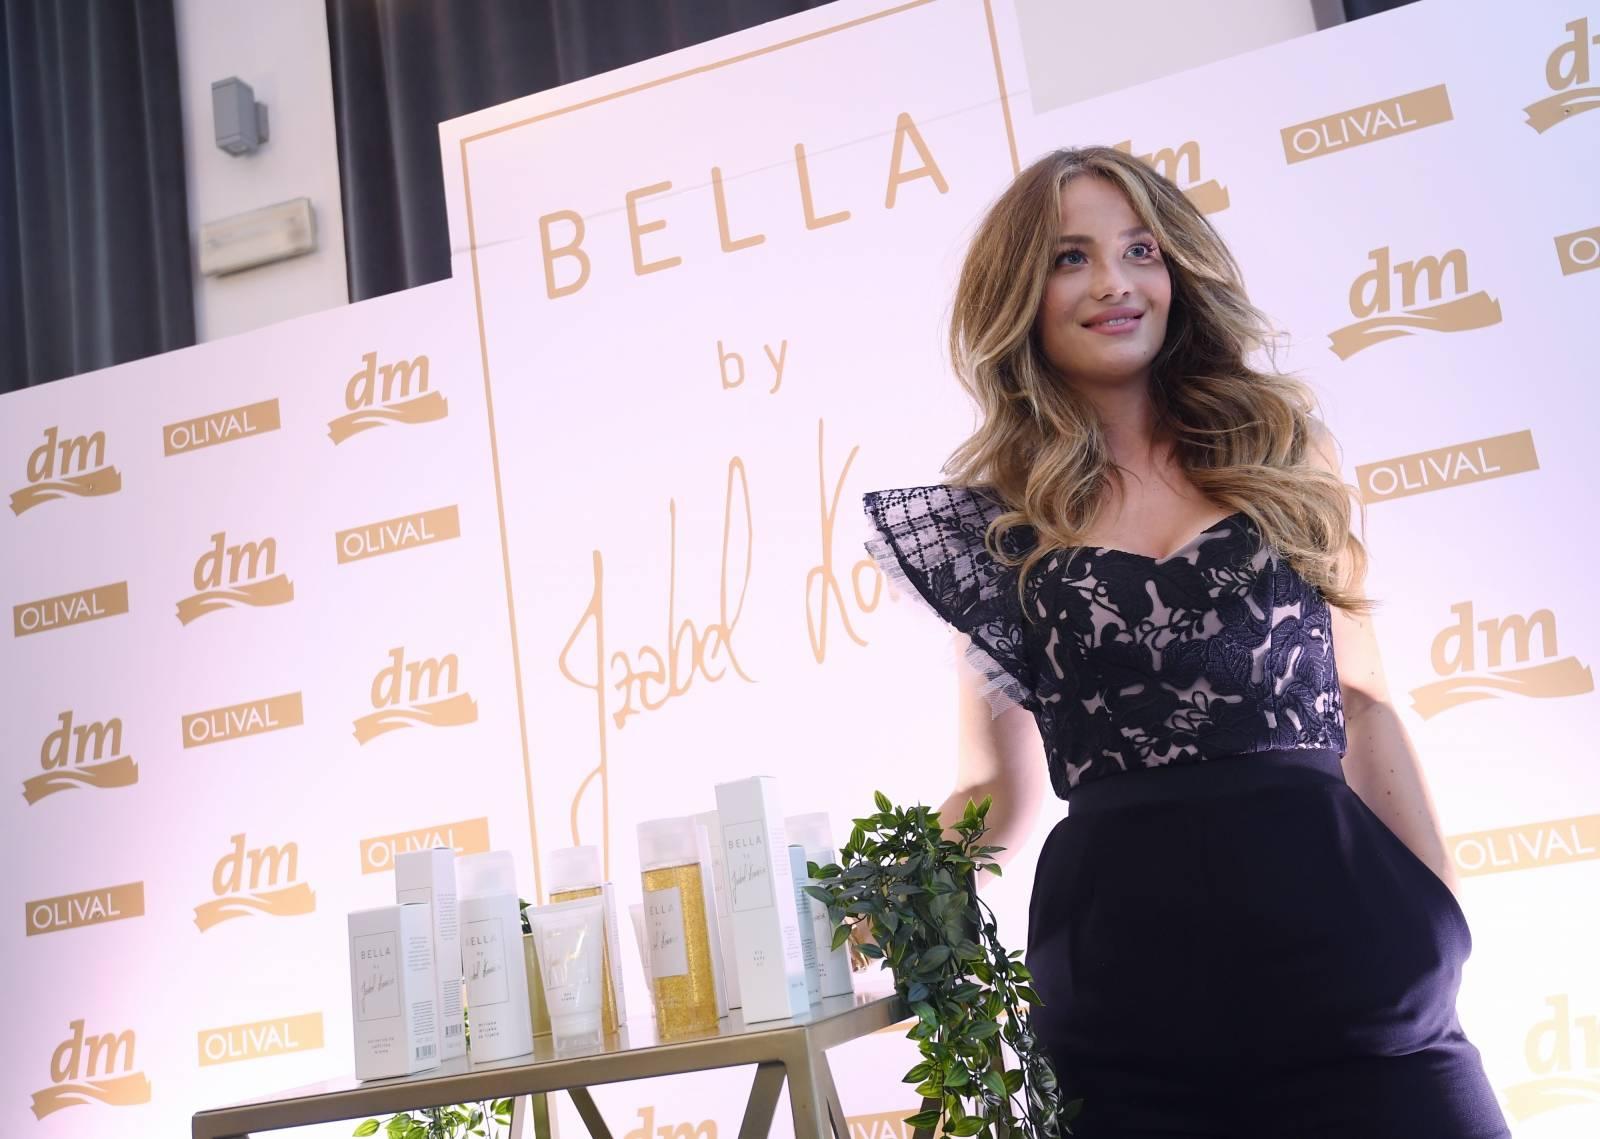 Zagreb: Predstavljanje linije proizvoda Bella koju potpisuje Izabel Kovačić